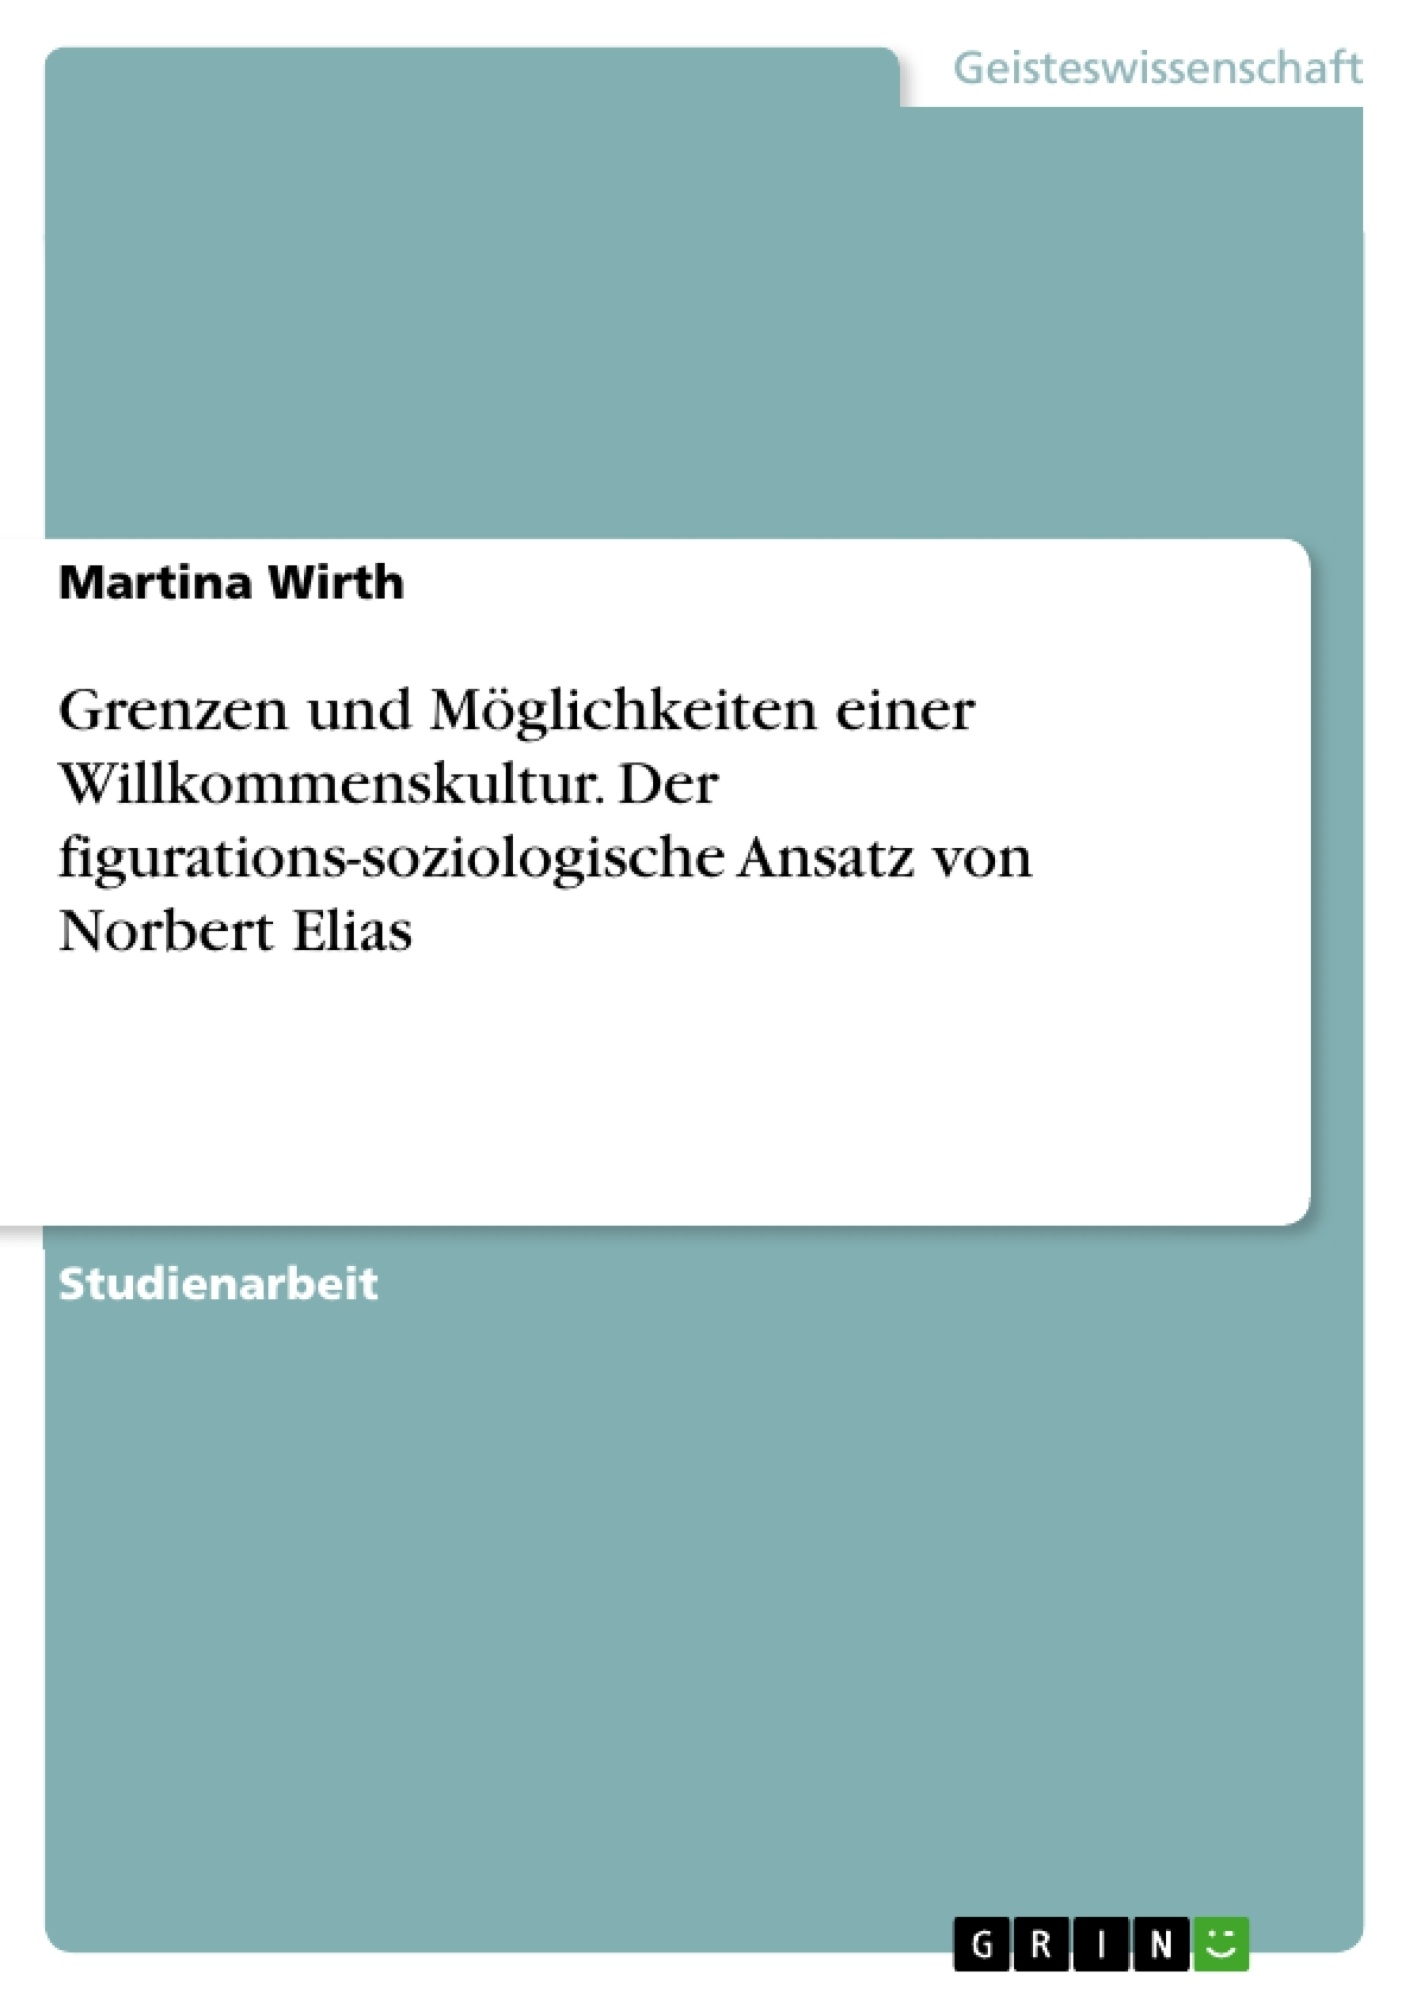 Titel: Grenzen und Möglichkeiten einer Willkommenskultur. Der figurations-soziologische Ansatz von Norbert Elias